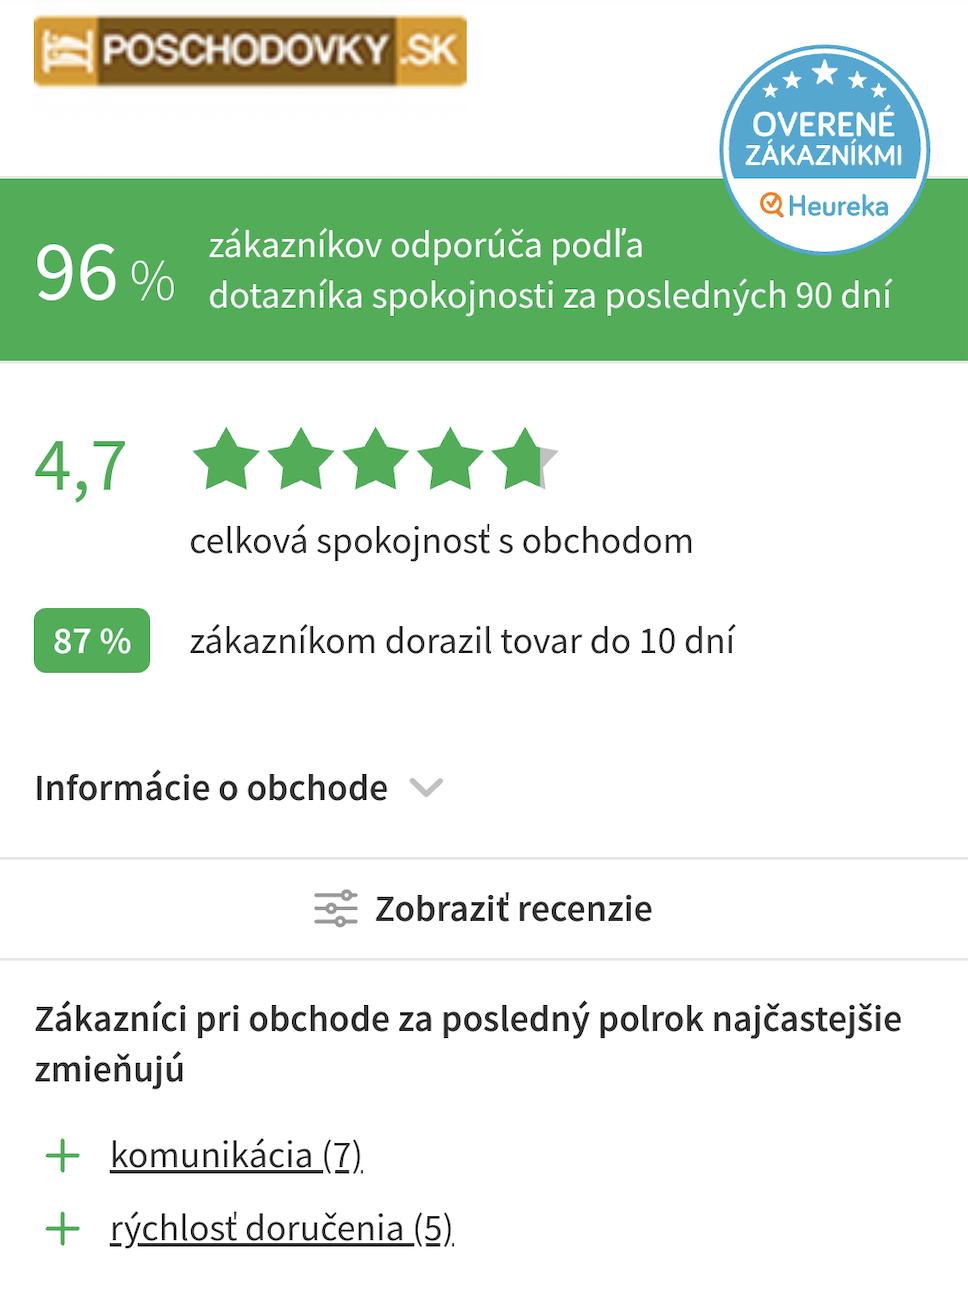 recenzie poschodovky.sk - mobilná verzia